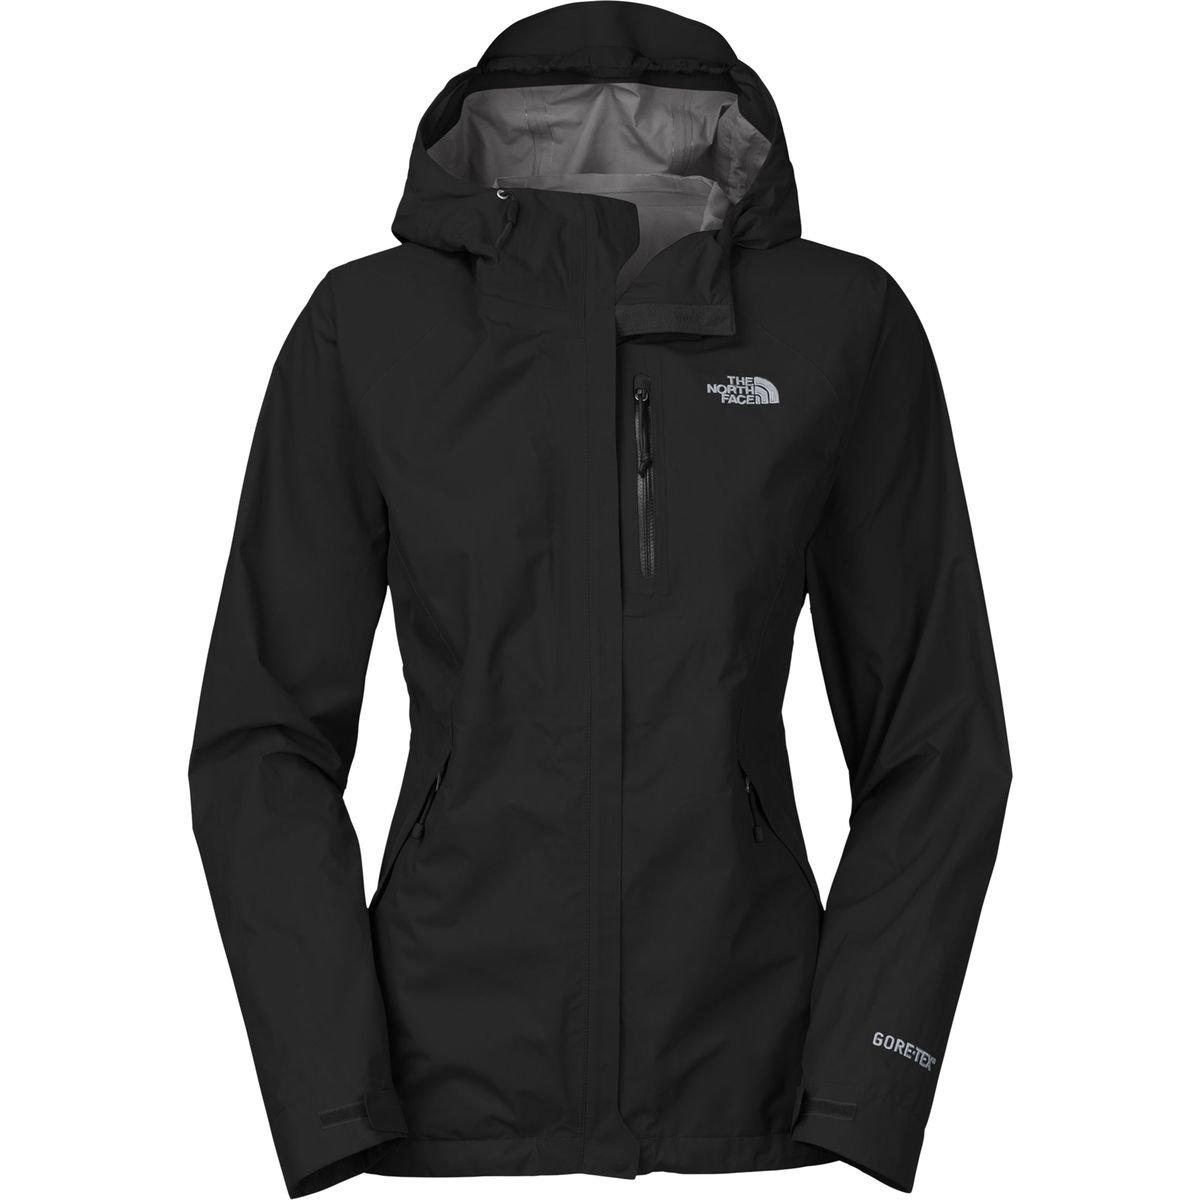 (ザノースフェイス) The North Face Dryzzle Jacket レディース ジャケットTnf Black [並行輸入品]   B077N4YJVT